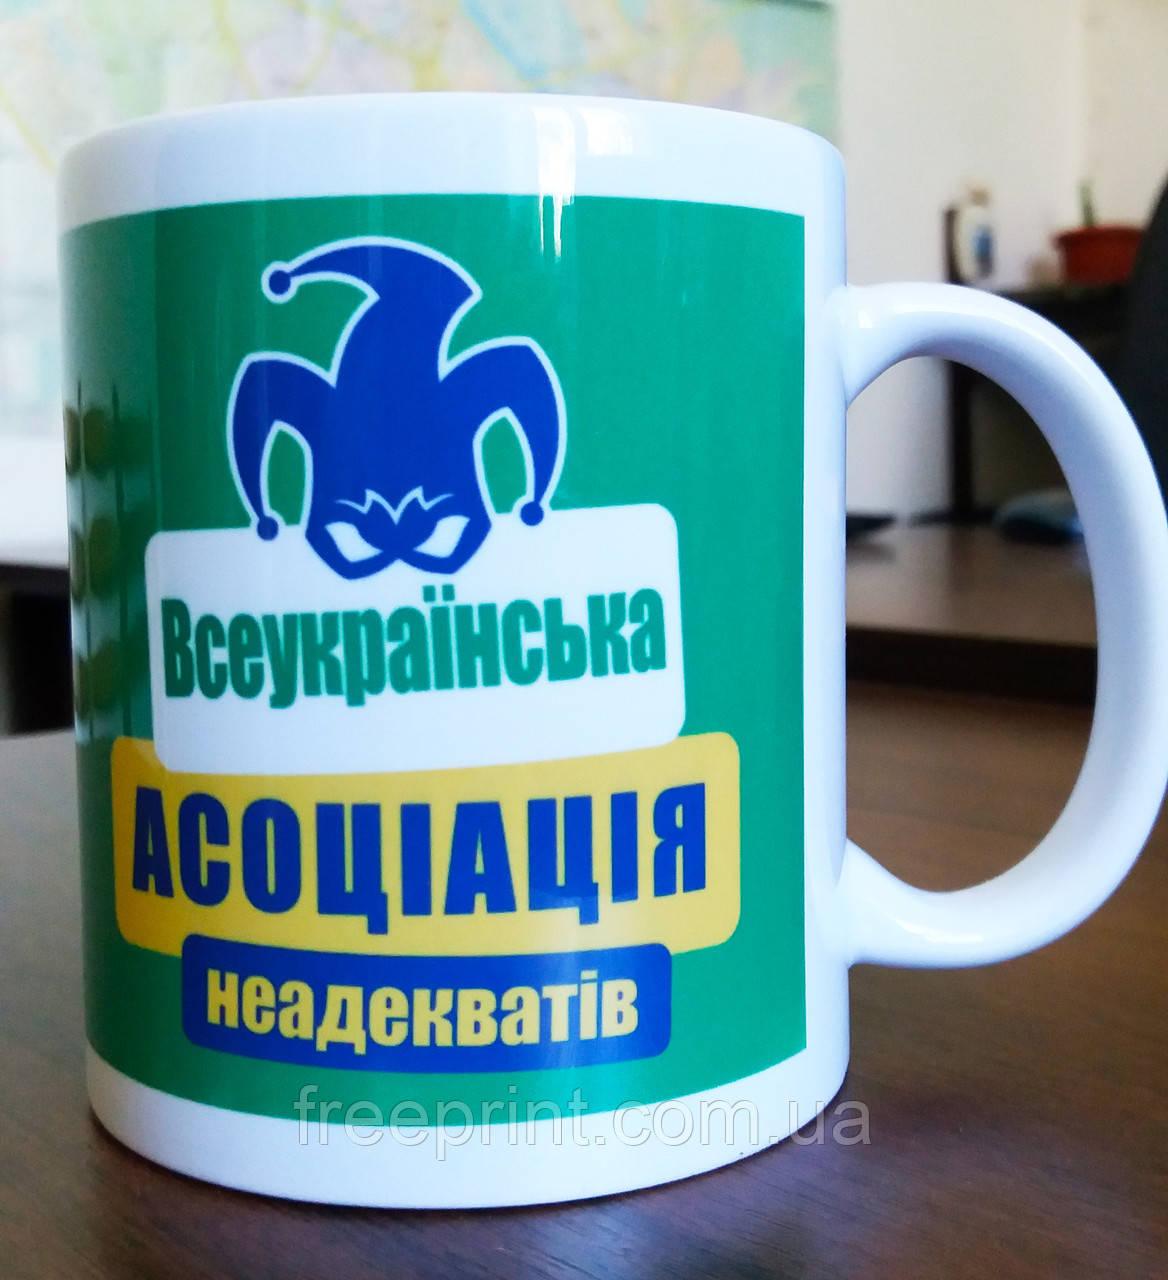 Чашка с изображением. Печать на чашках, кружках. Нанесение логотипа на чашку